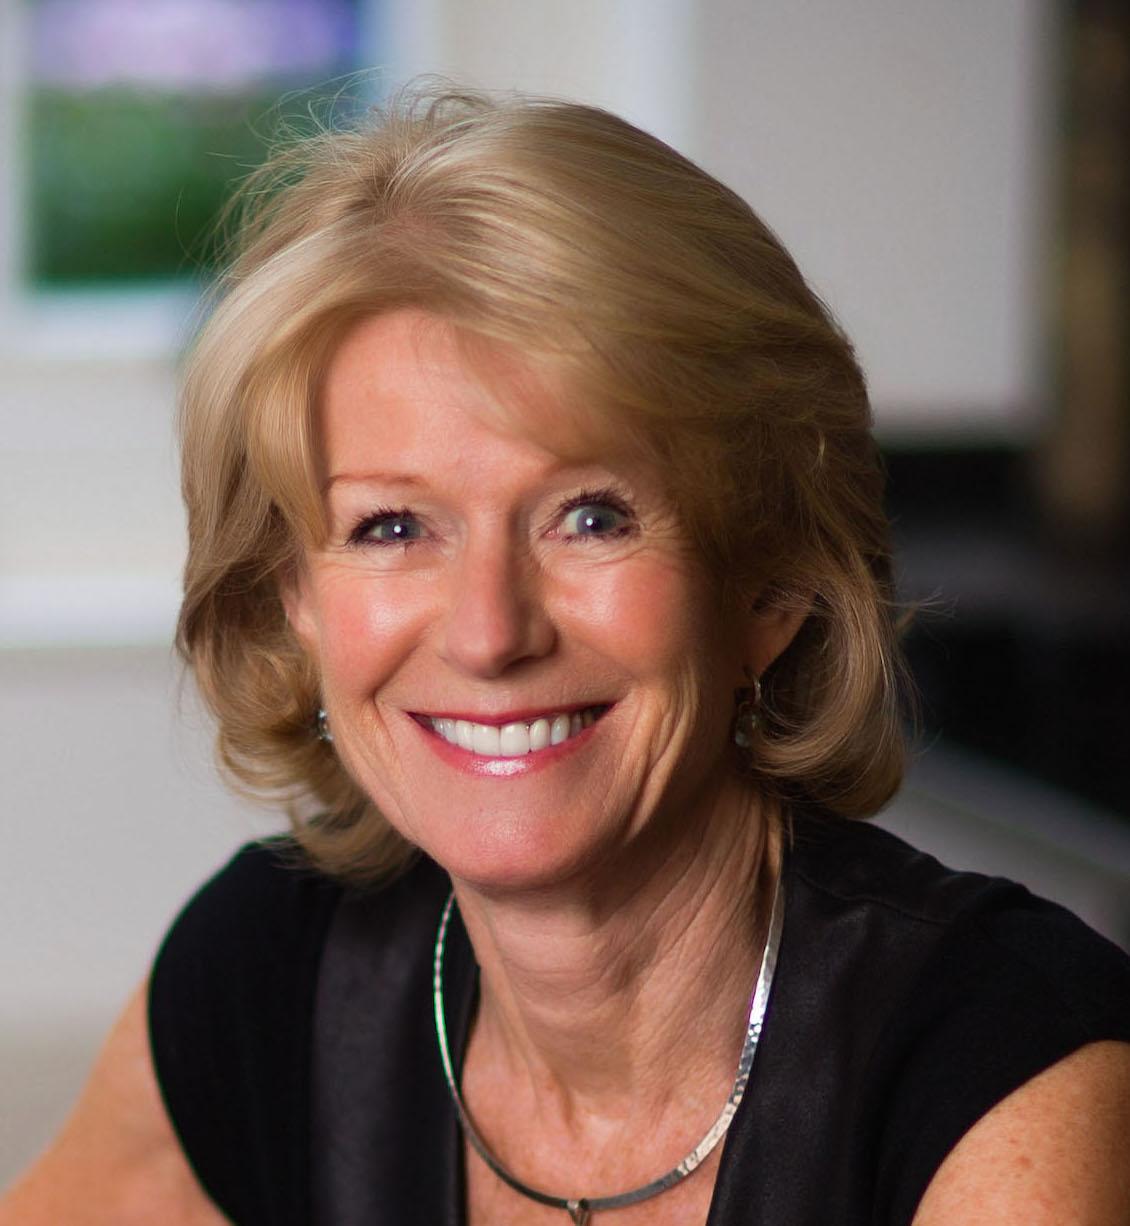 Angela Mortimer